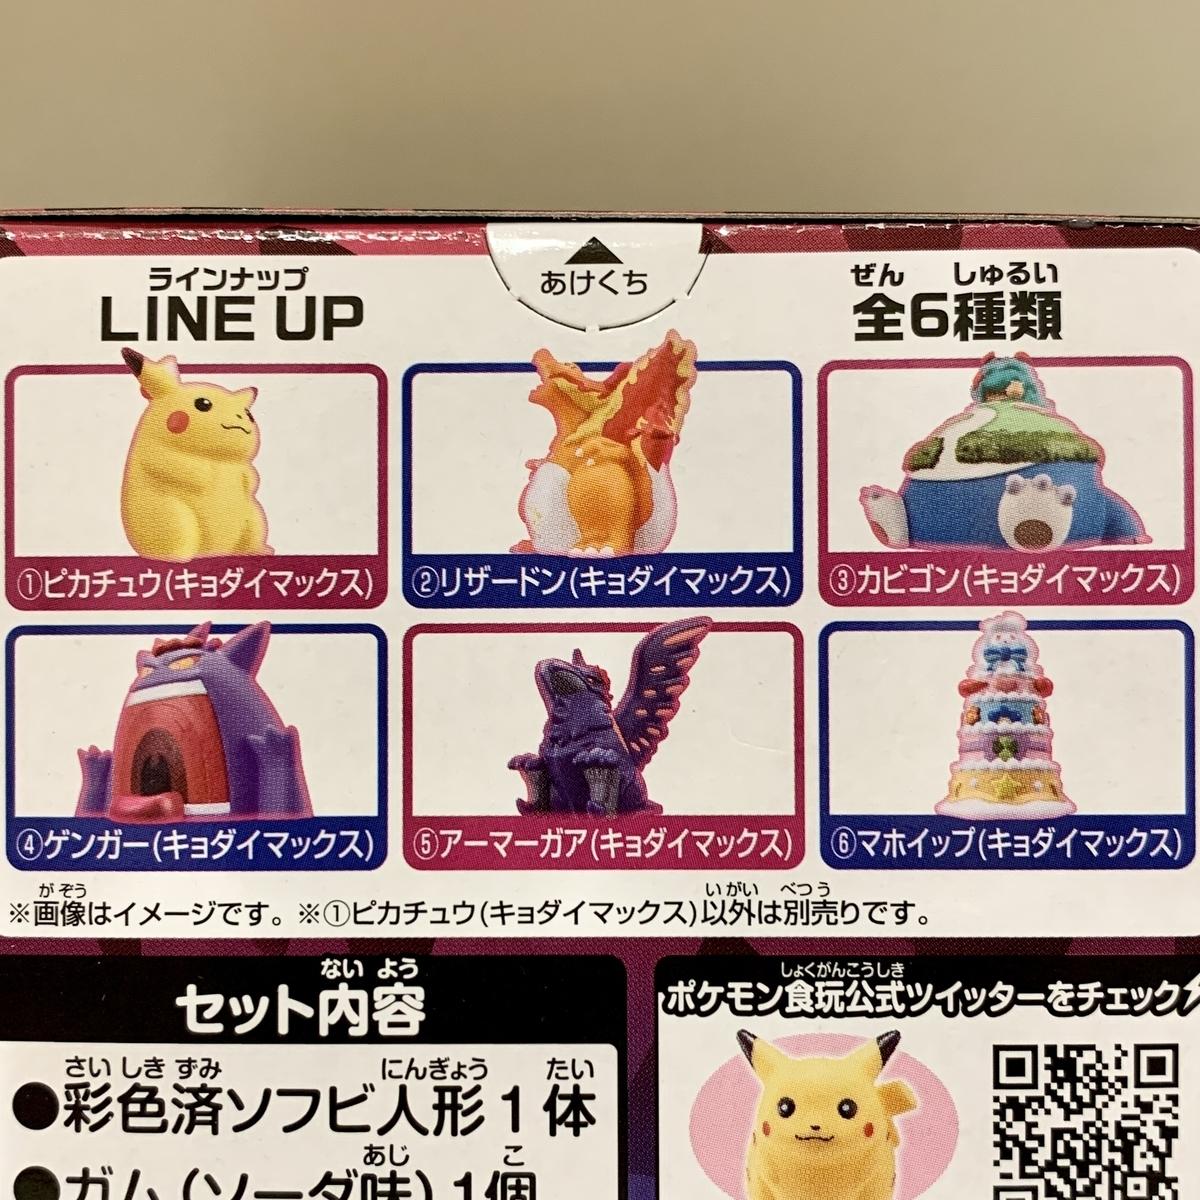 f:id:pikachu_pcn:20201115174011j:plain